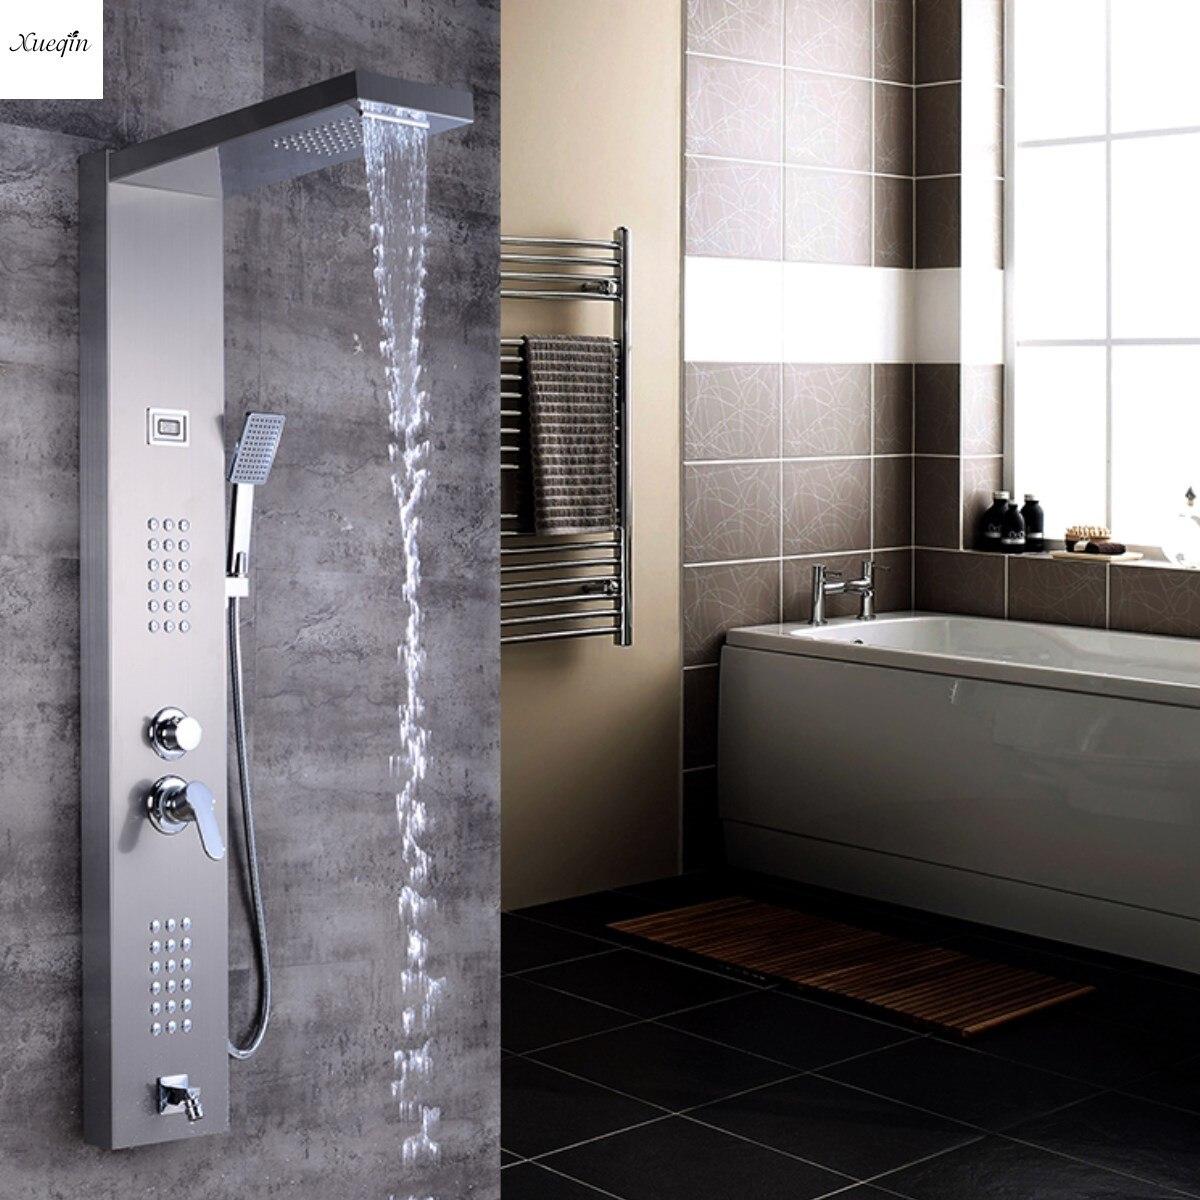 Níquel escovado acabamento massagem jato tankless chuvas chuveiro torre do banheiro painel do chuveiro de chuva termostática bico coluna do chuveiro